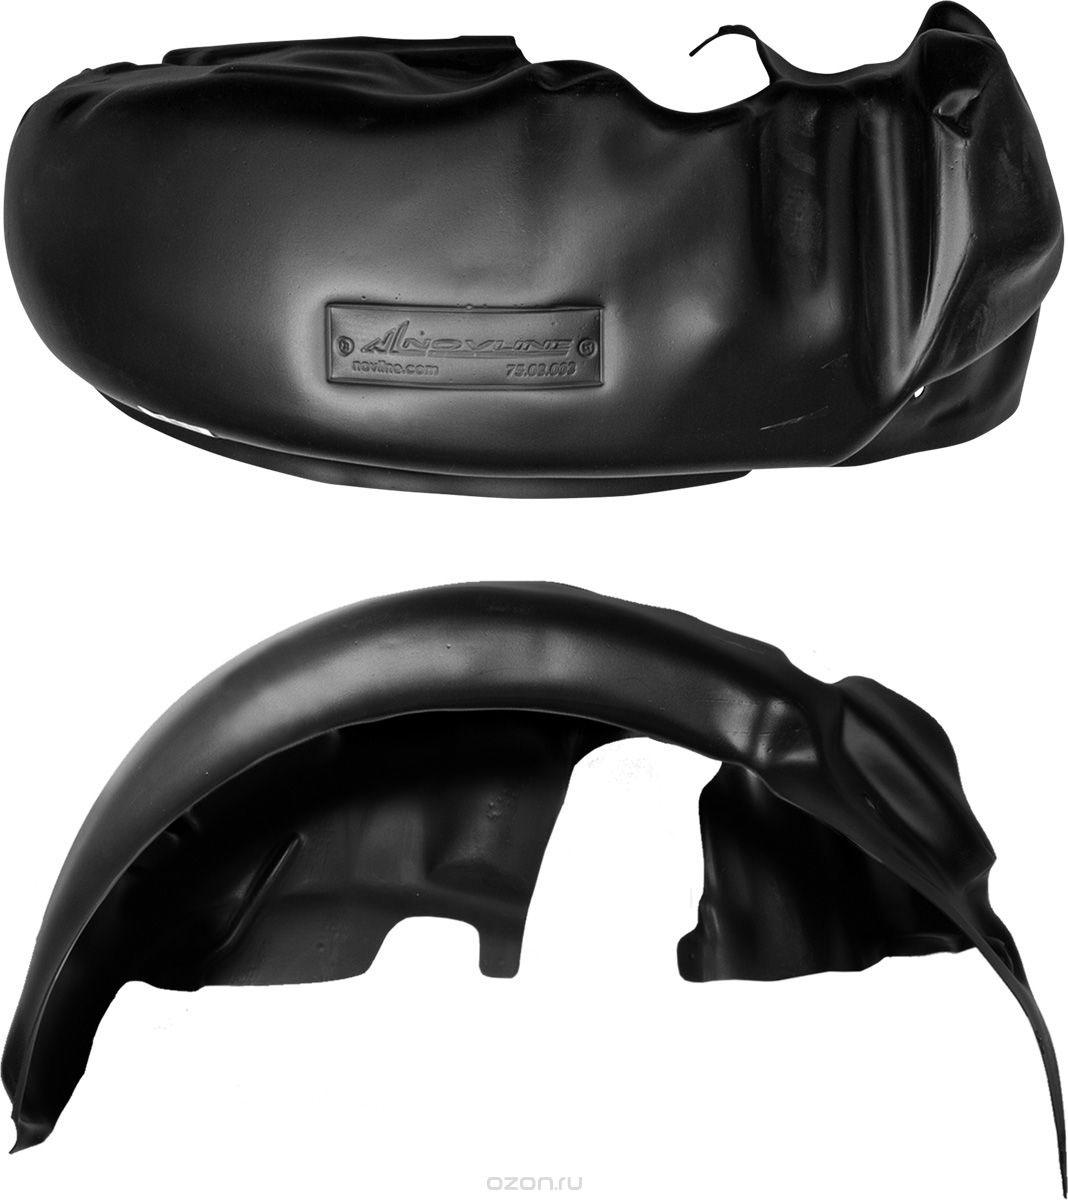 Подкрылок Novline-Autofamily, для NISSAN Qashqai, J11F, 2015->, кроссовер, задний правый000414Идеальная защита колесной ниши. Локеры разработаны с применением цифровых технологий, гарантируют максимальную повторяемость поверхности арки. Изделия устанавливаются без нарушения лакокрасочного покрытия автомобиля, каждый подкрылок комплектуется крепежом. Уважаемые клиенты, обращаем ваше внимание, что фотографии на подкрылки универсальные и не отражают реальную форму изделия. При этом само изделие идет точно под размер указанного автомобиля.